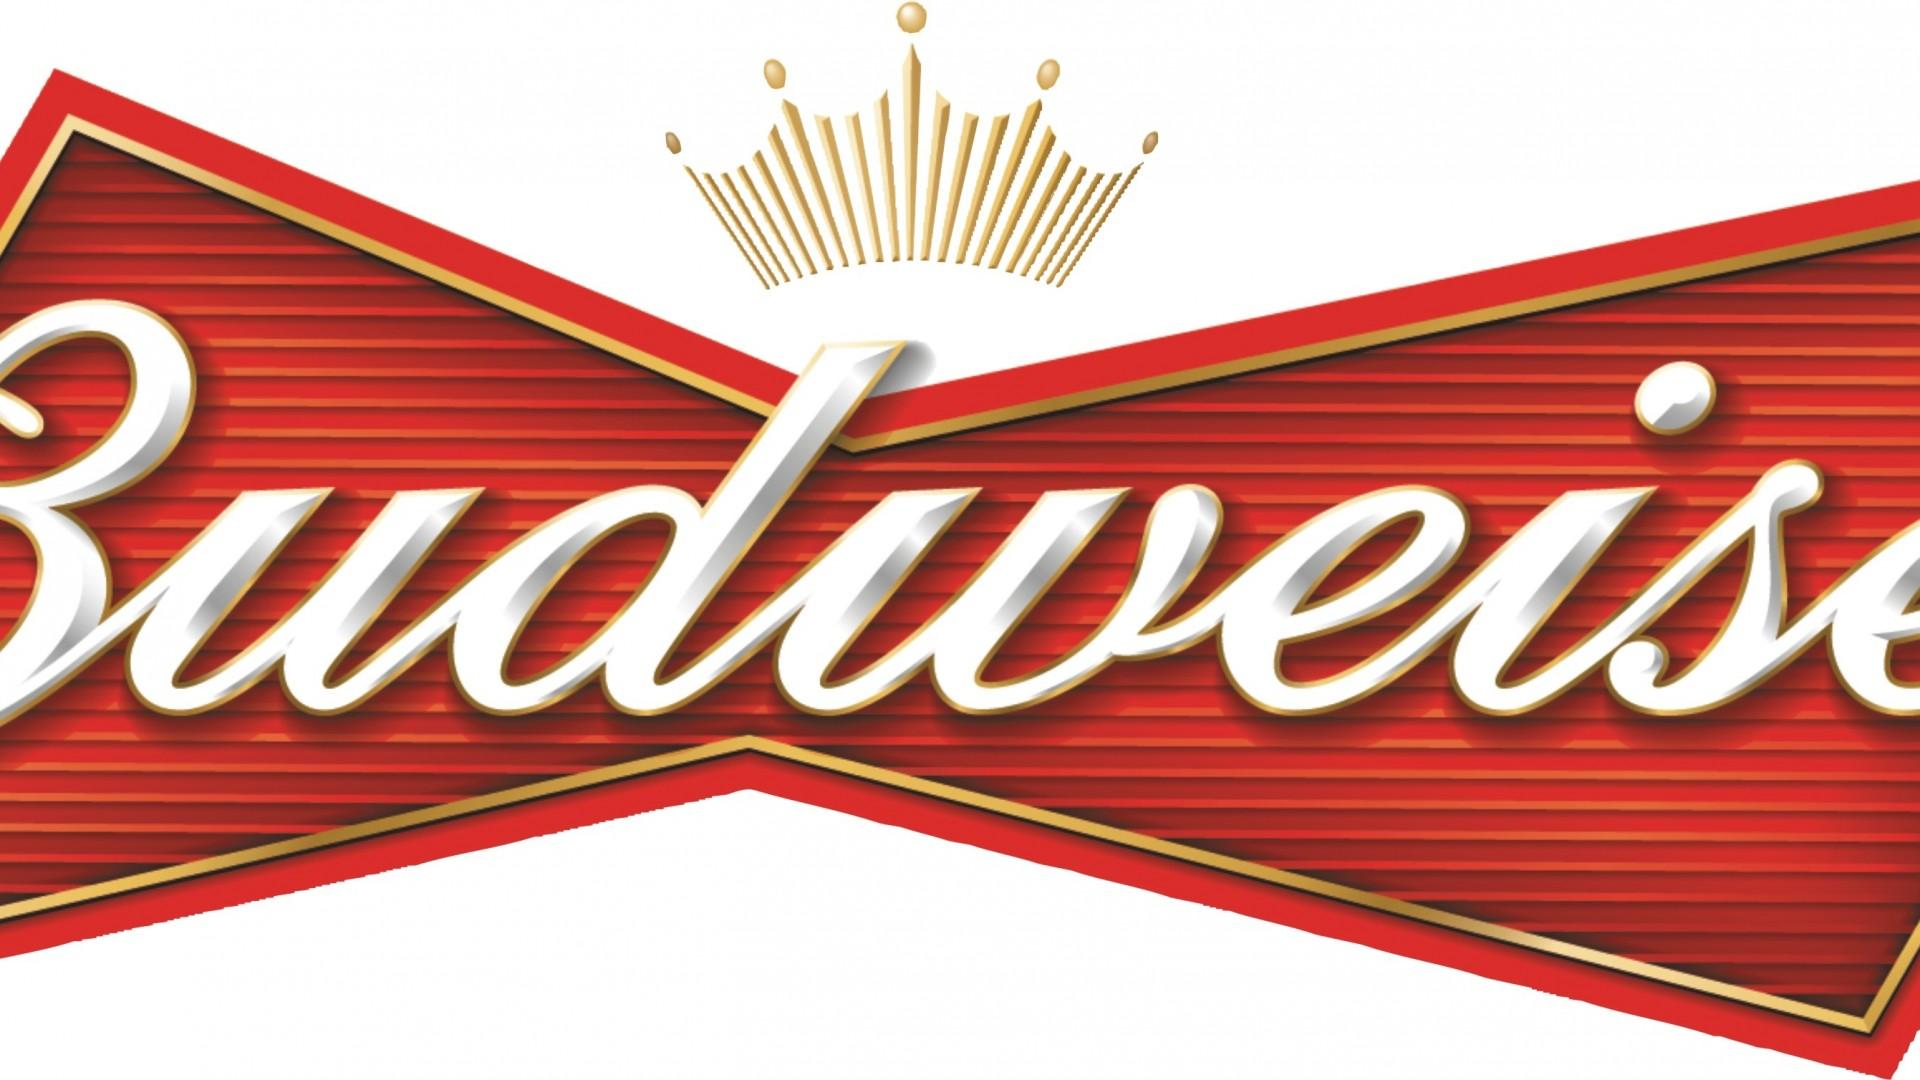 budweiser logo wallpaper hd wallpapers